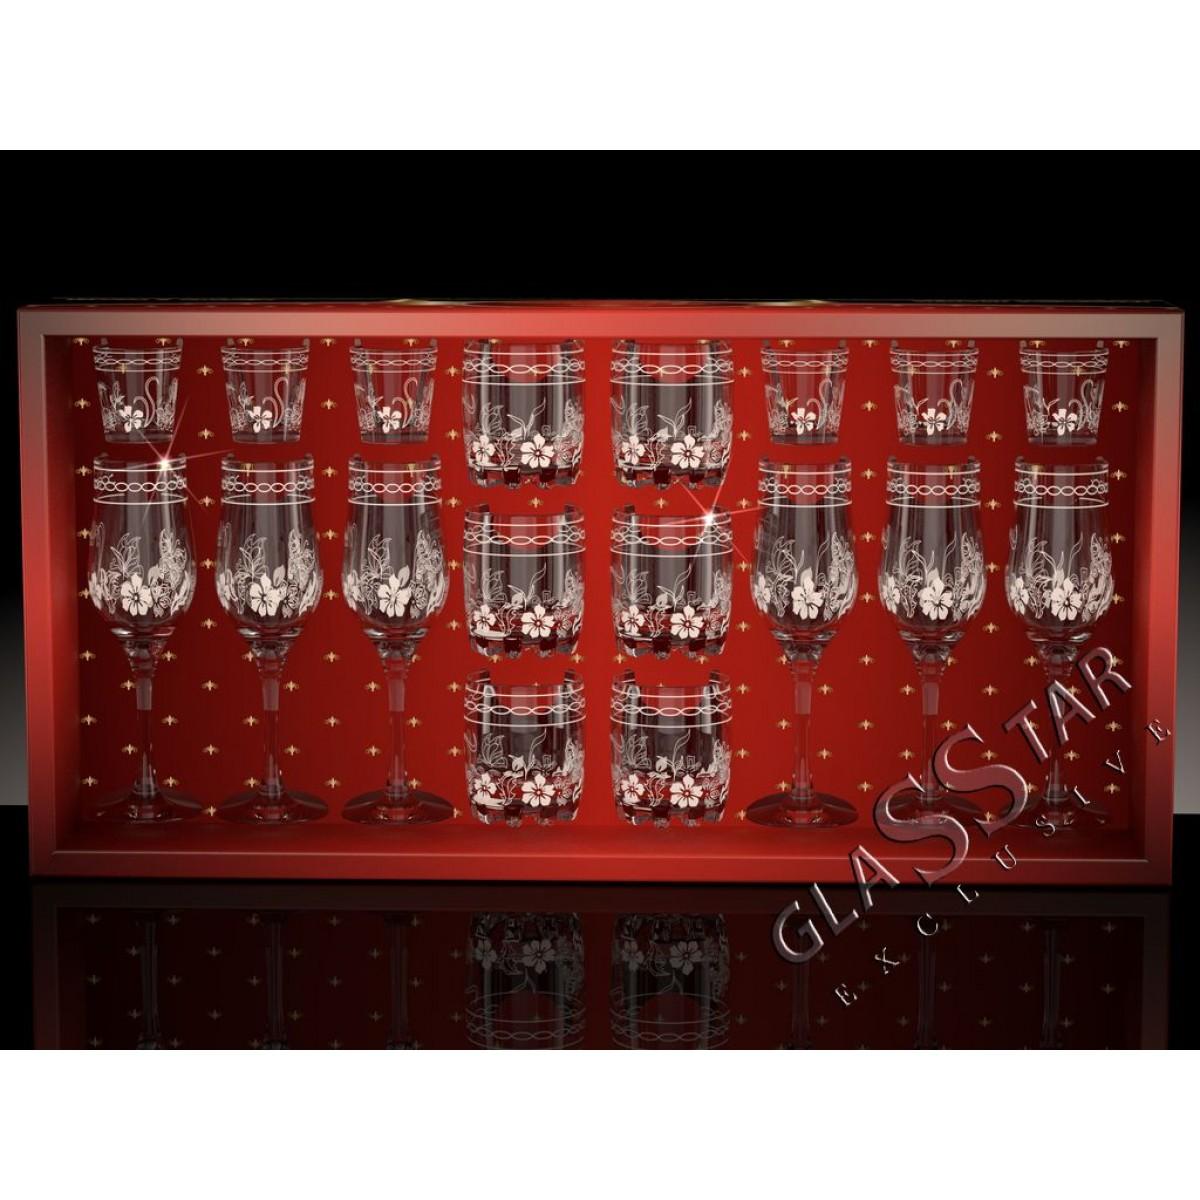 G8_160_414_50 Набор 18 предметов «Бабочки» (6 бокалов + 6 стаканов + 6 стопок)